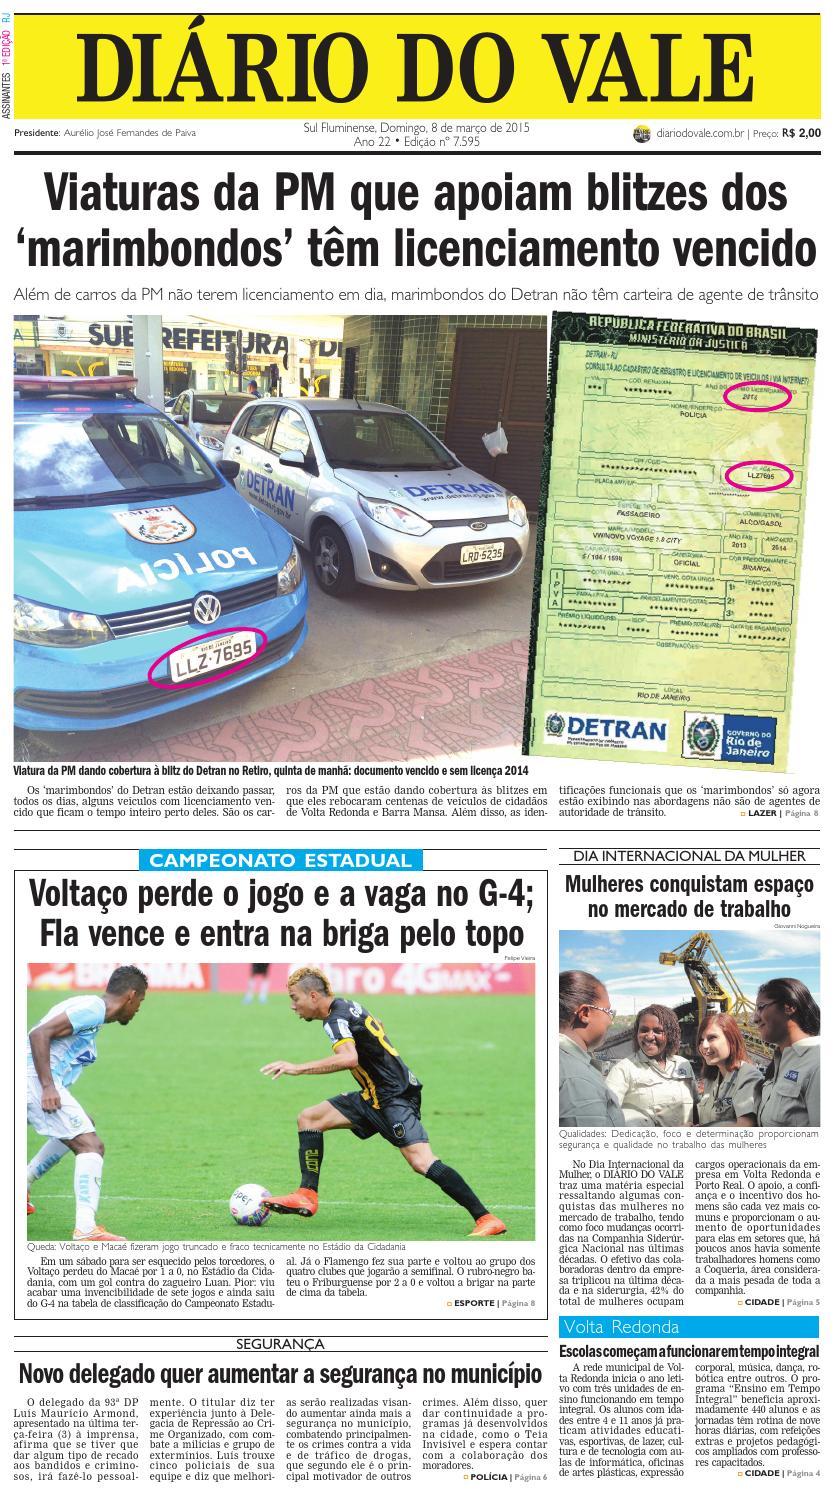 64018c5b33 7595 diario domingo 08 03 2015 by Diário do Vale - issuu